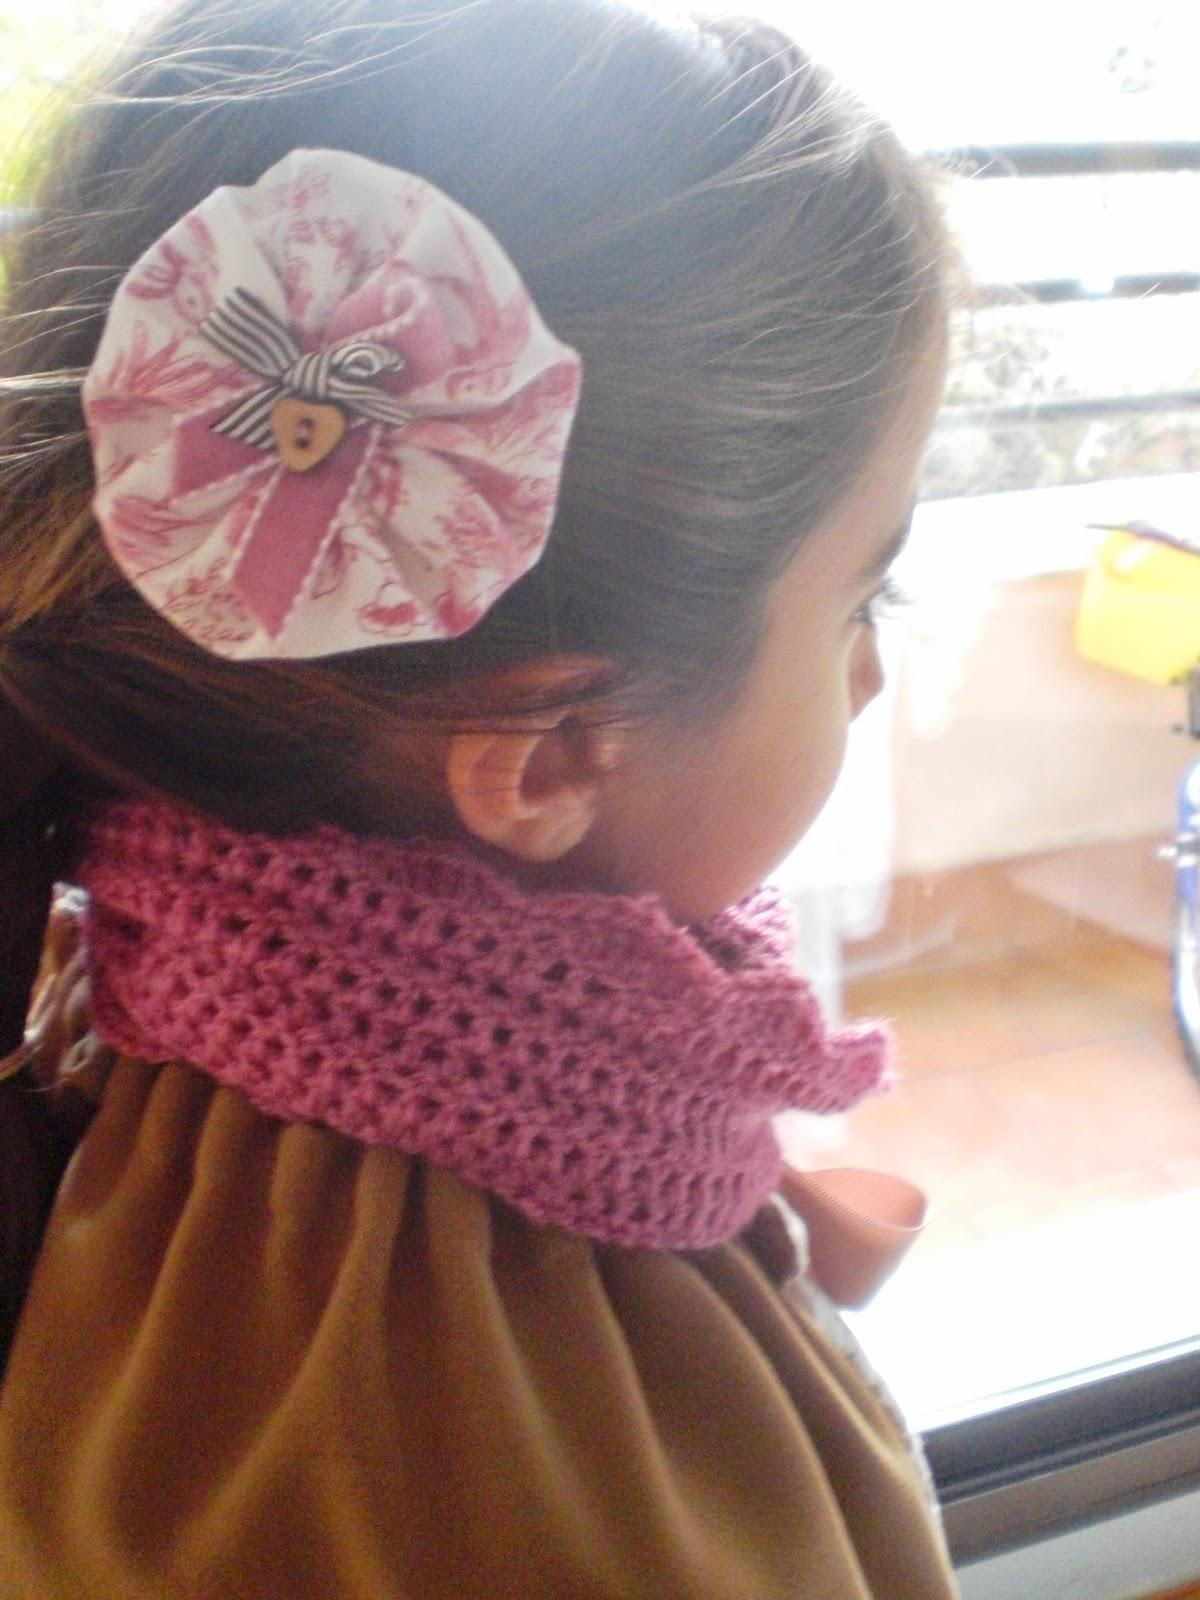 conjunto de bufanda circular (o infinity scarf) para niña, en color rosa palo y puede ir con un adorno para el pelo a juego. Está hecha en crochet.